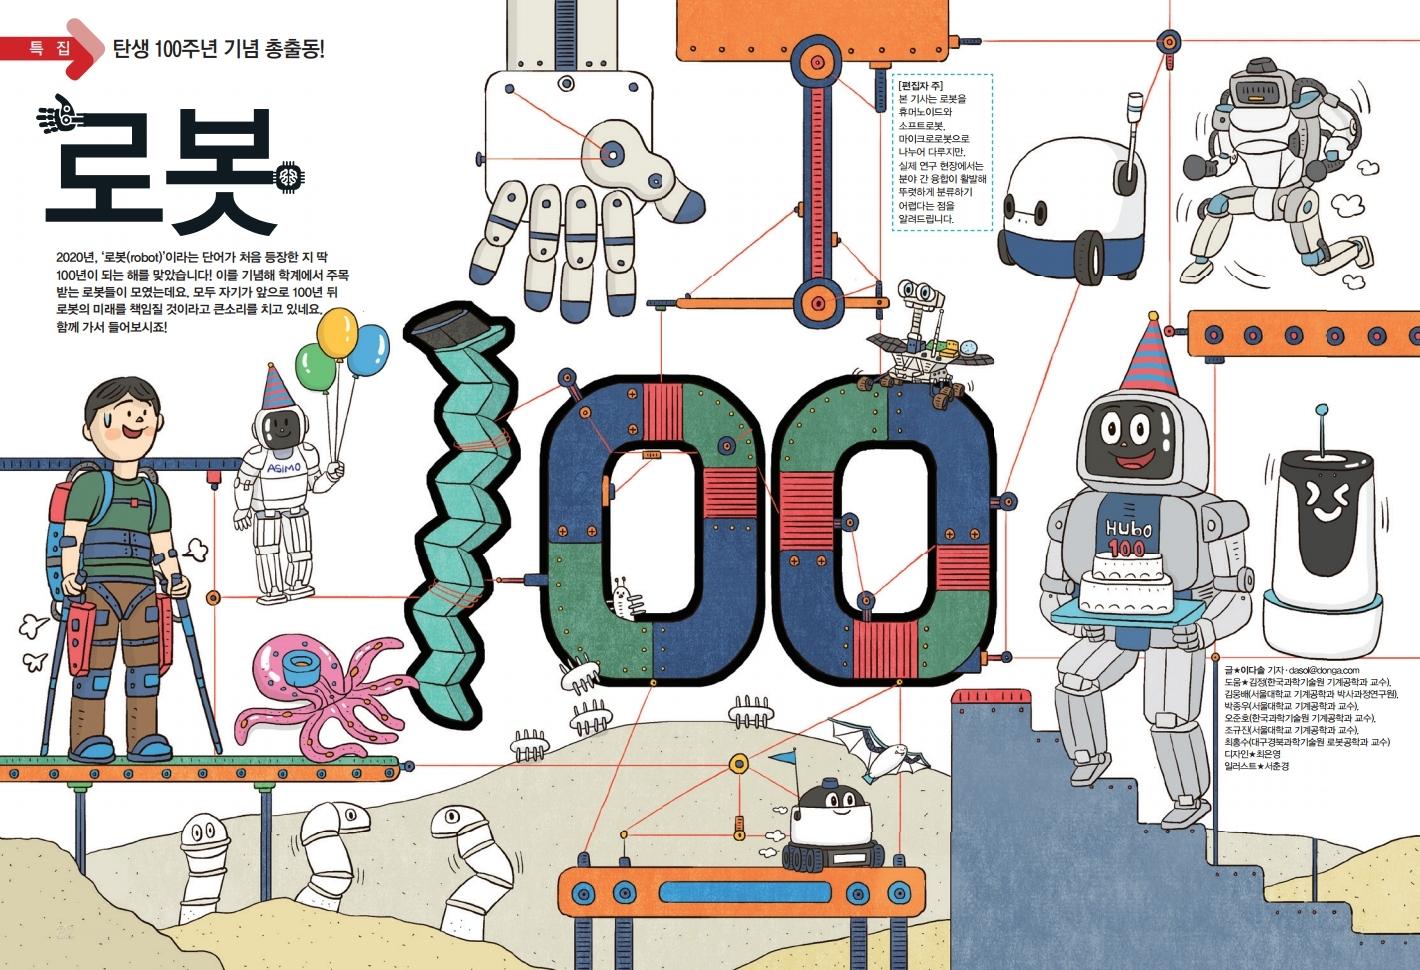 탄생 100주년 기념 총출동! 로봇